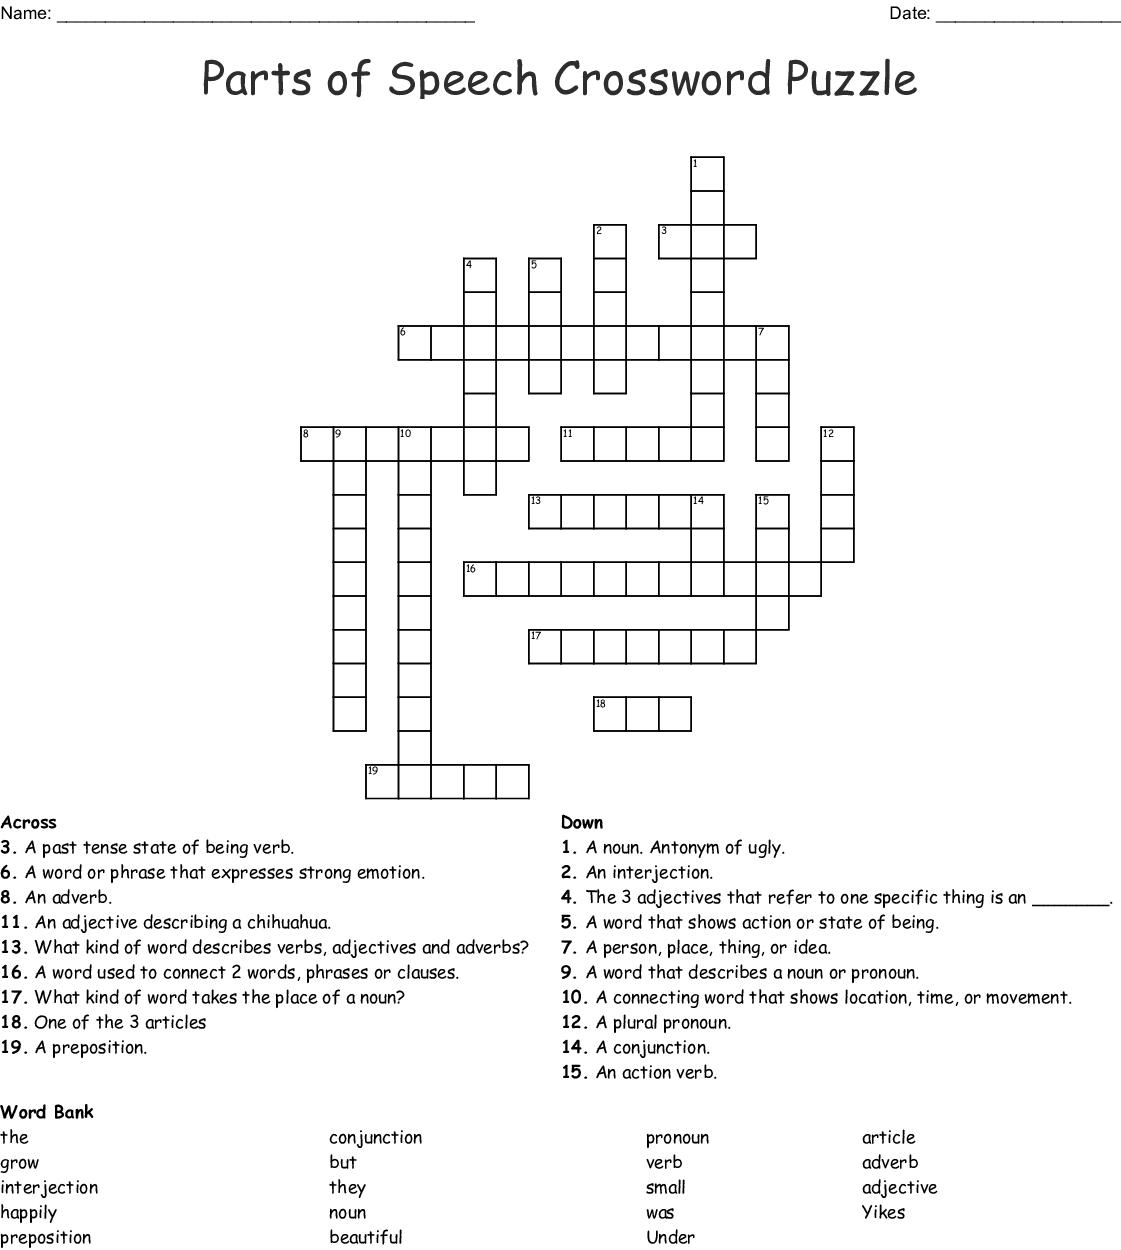 Grammar Crossword Puzzle Wordmint